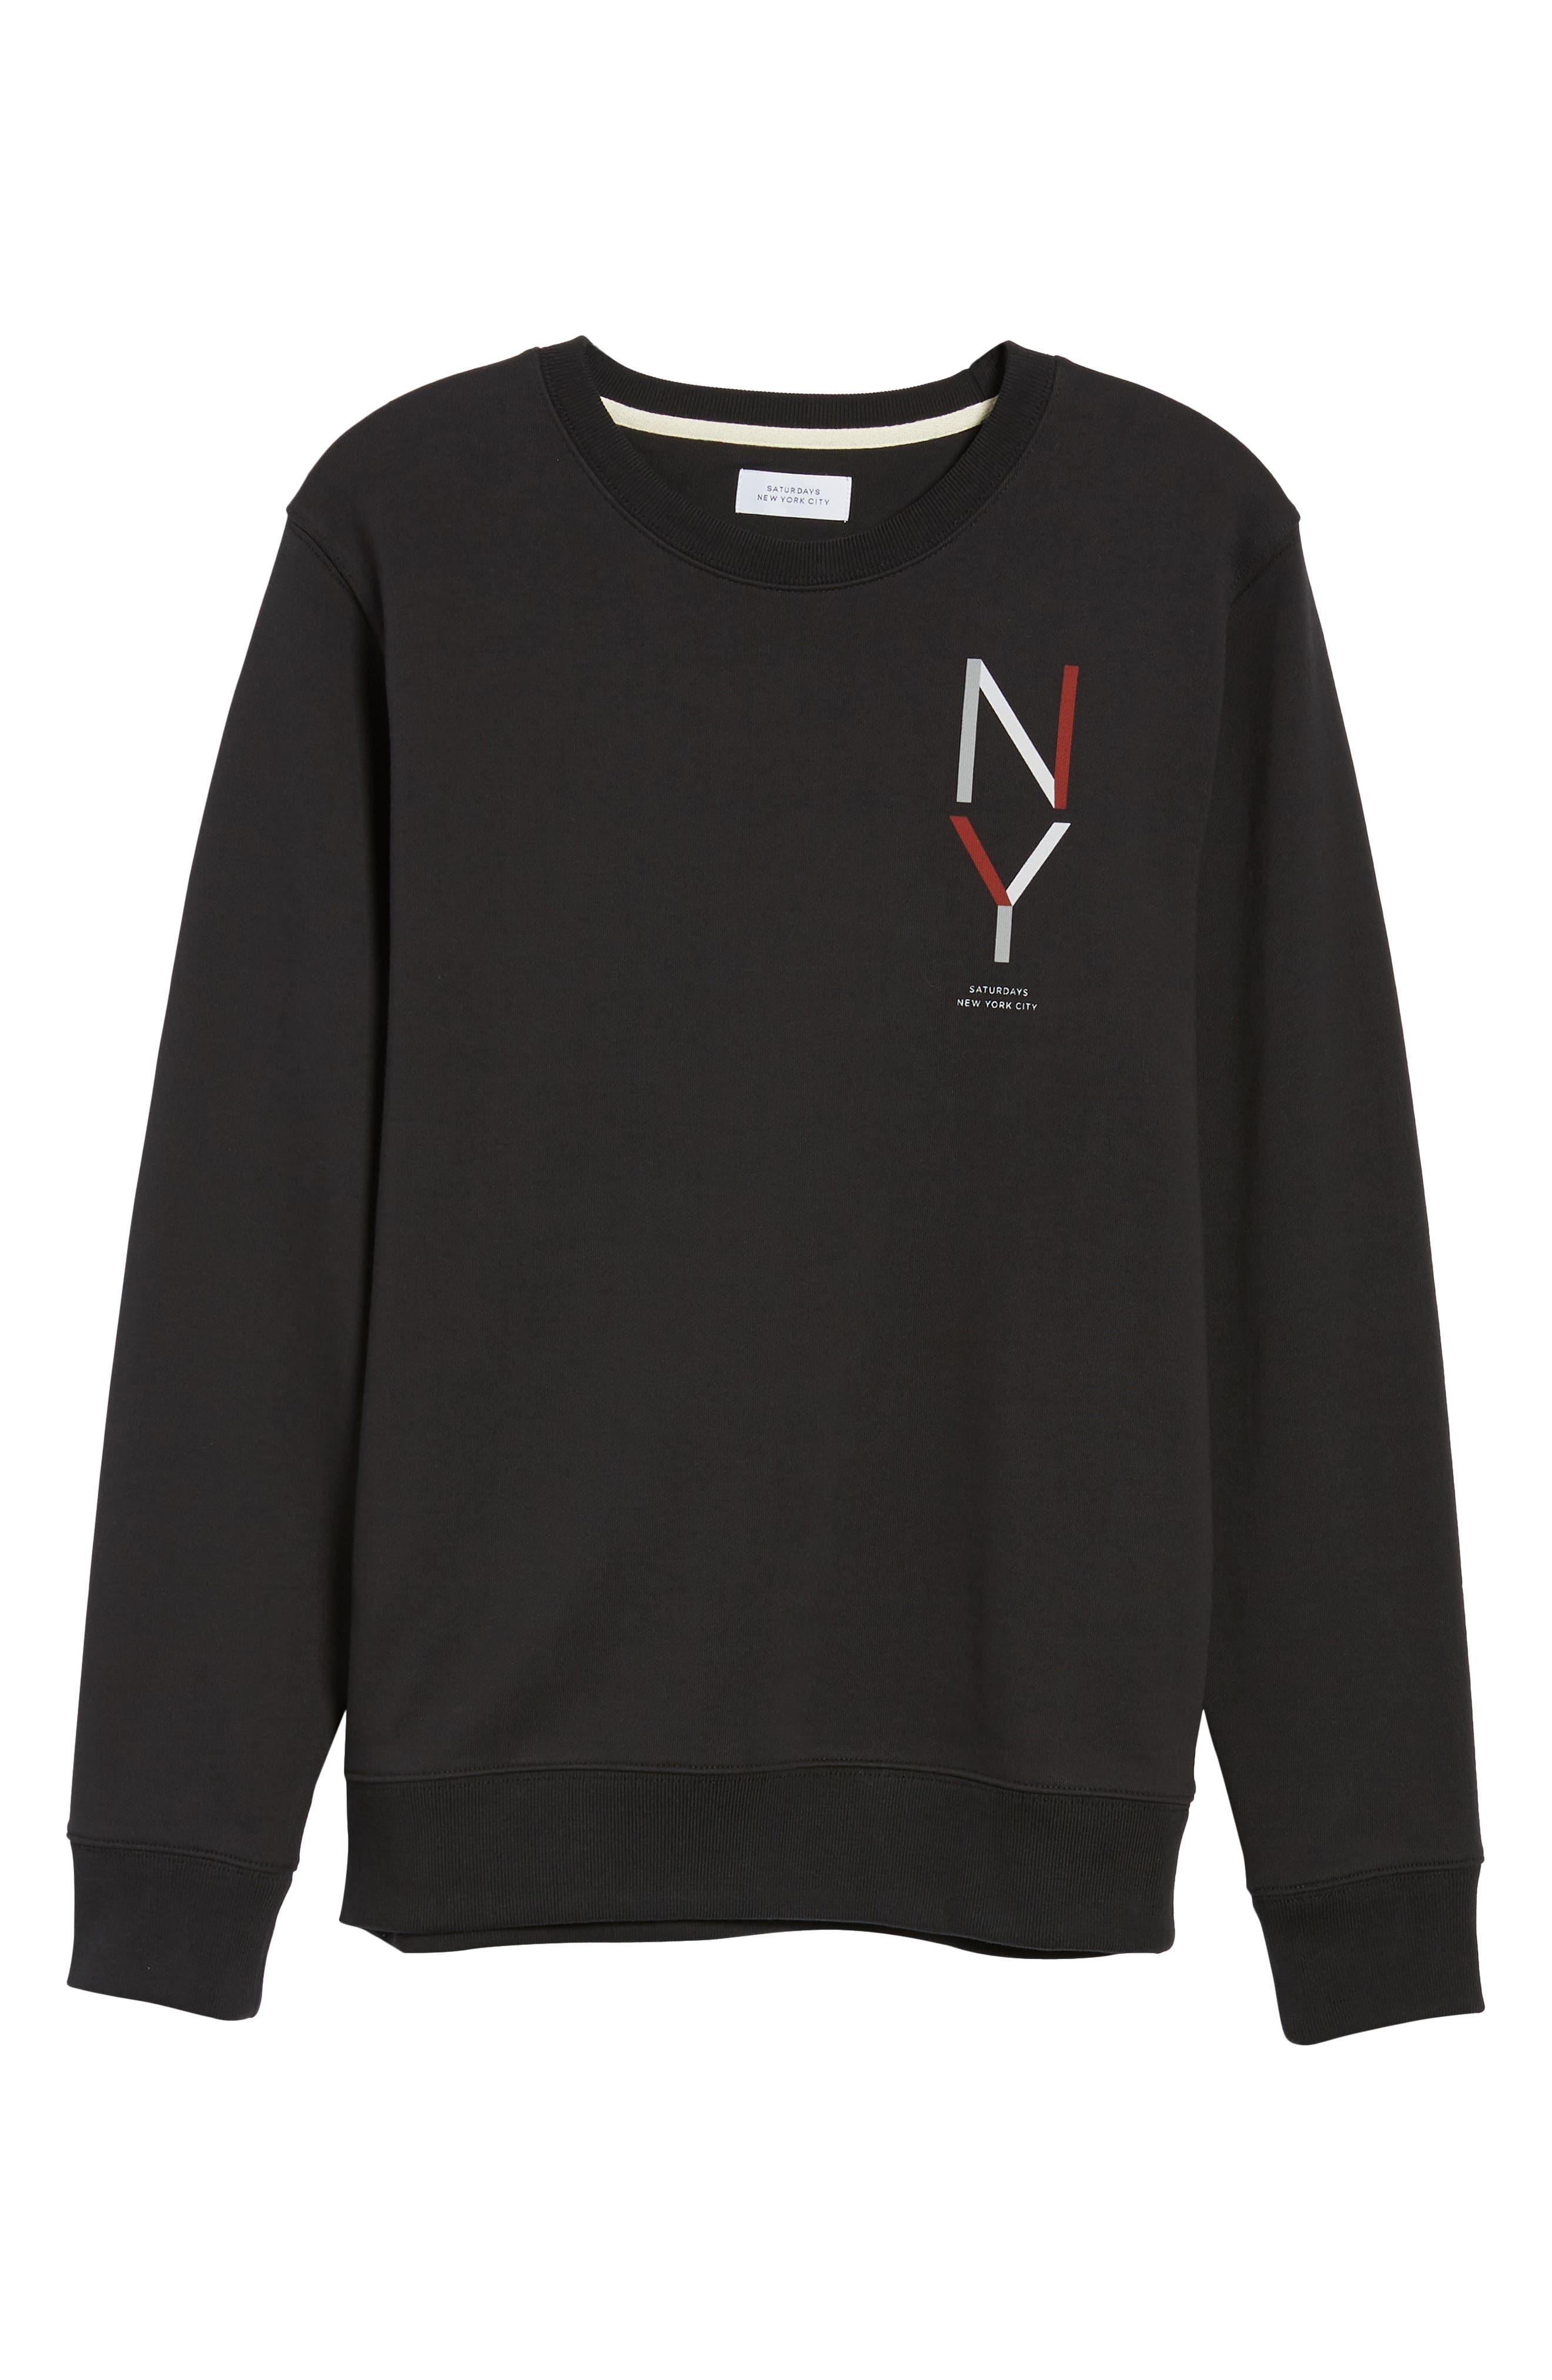 Bowery NY Sweatshirt,                             Alternate thumbnail 6, color,                             001